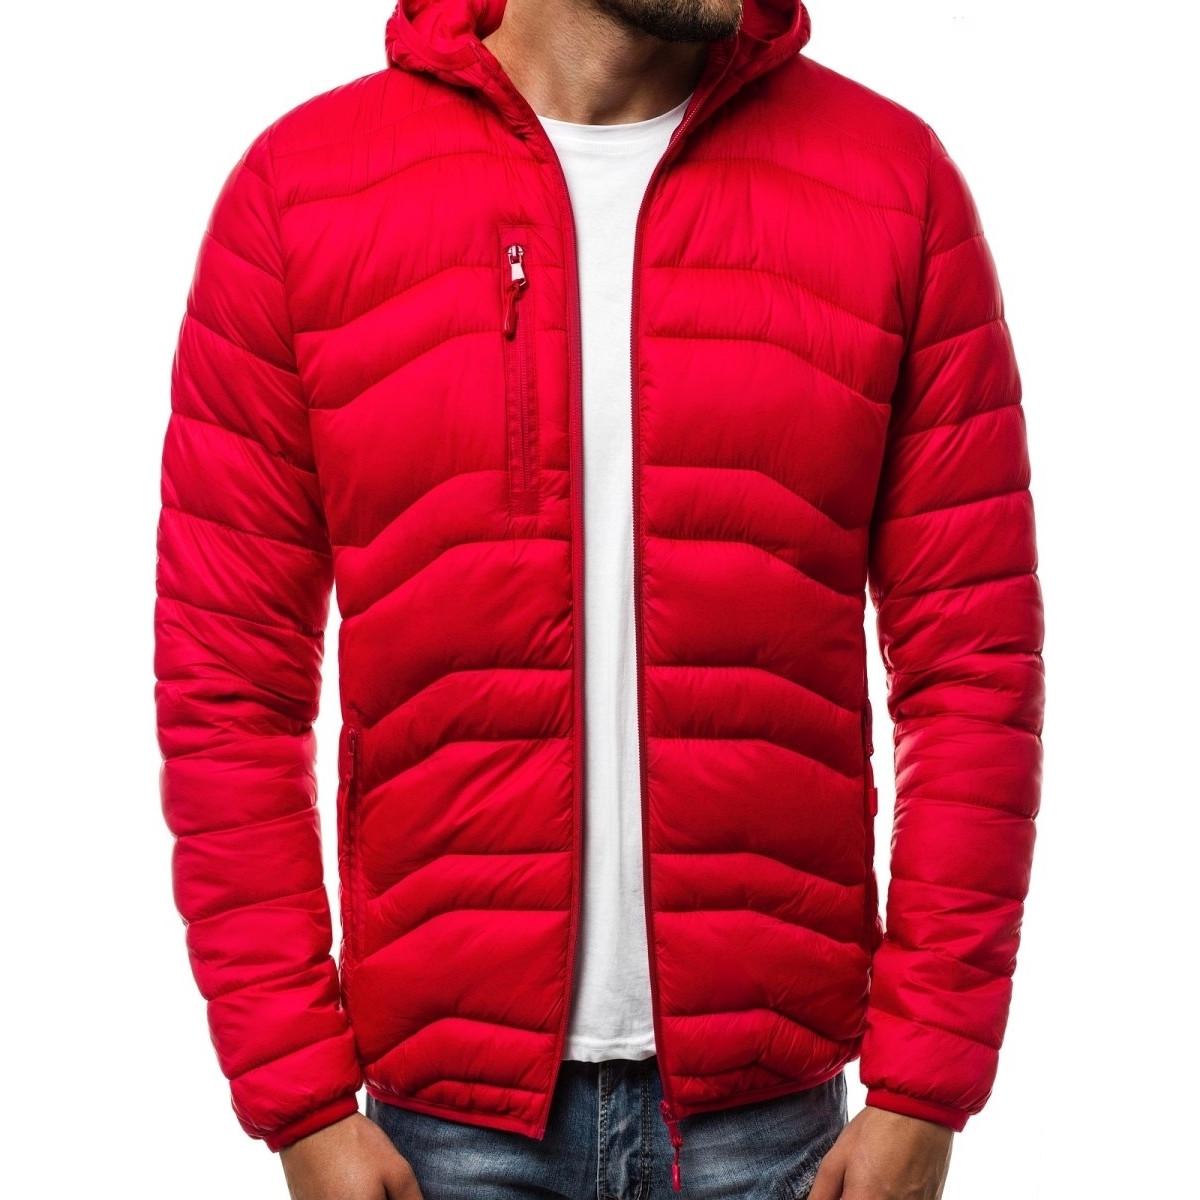 daa7dace433c Куртка Мужская Красная (весна-осень) — в Категории